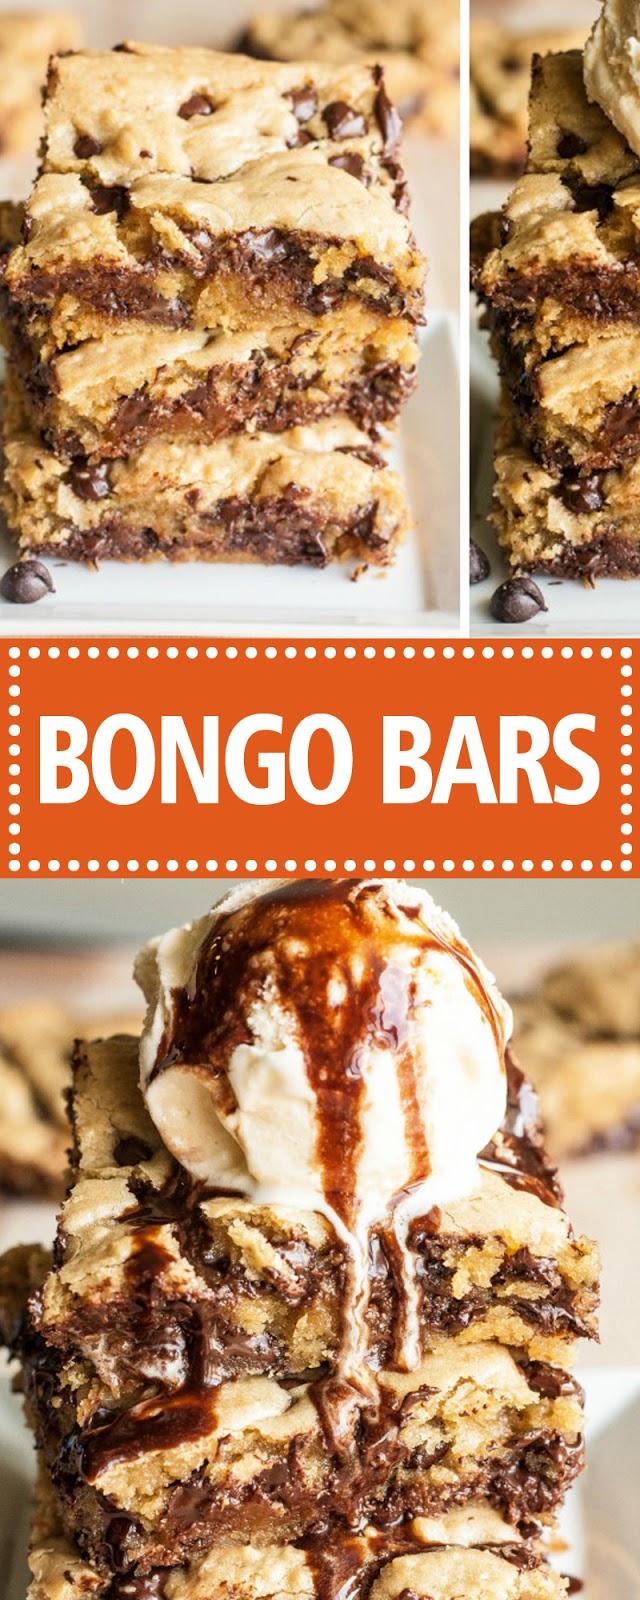 BONGO BARS